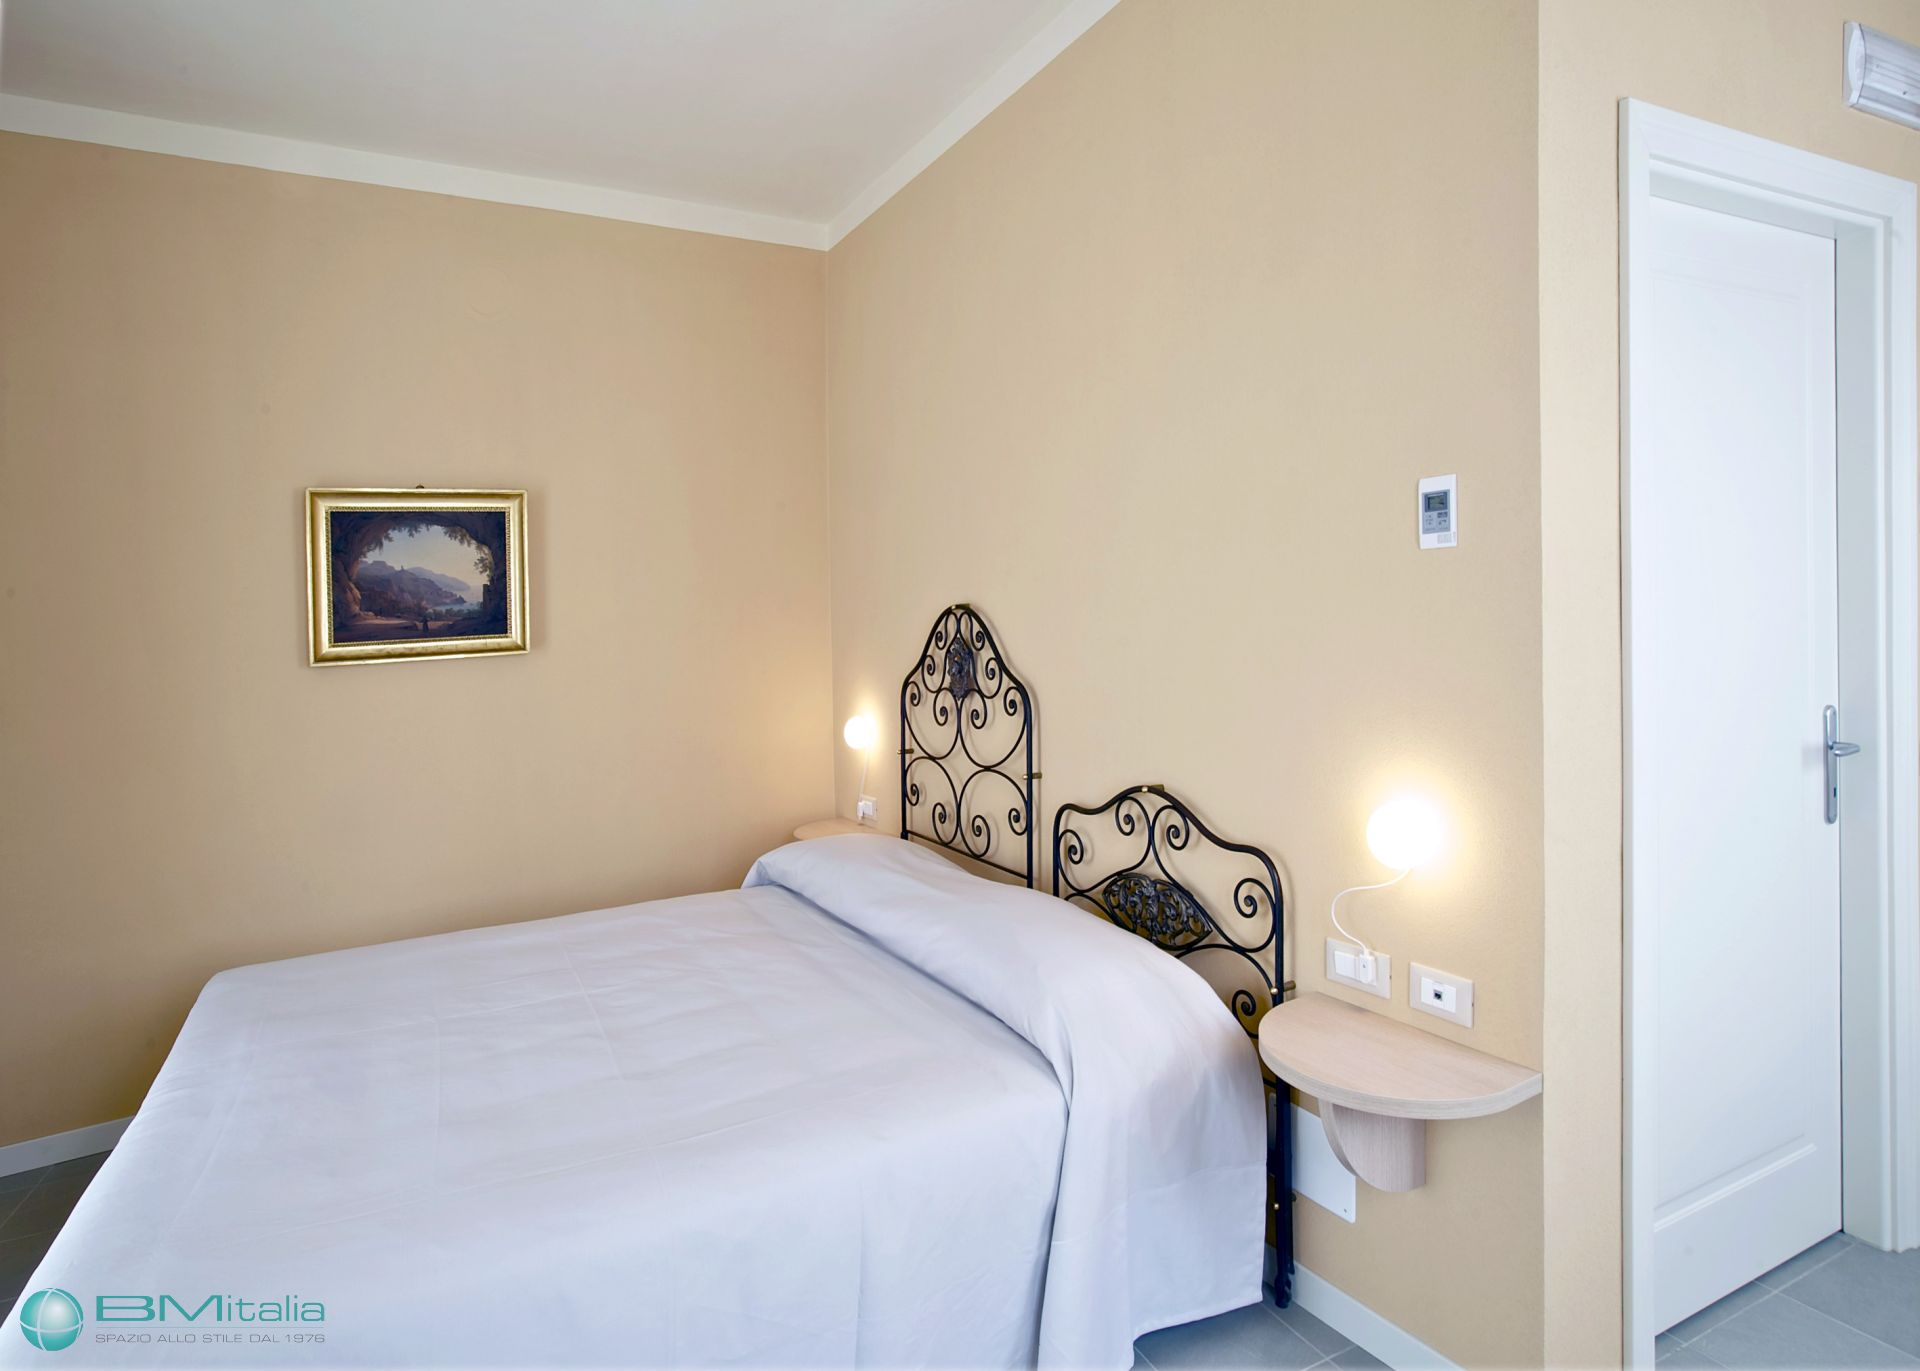 Concreta soluzione esigenze di arredo hotel alberghi bed for Aba arredamenti